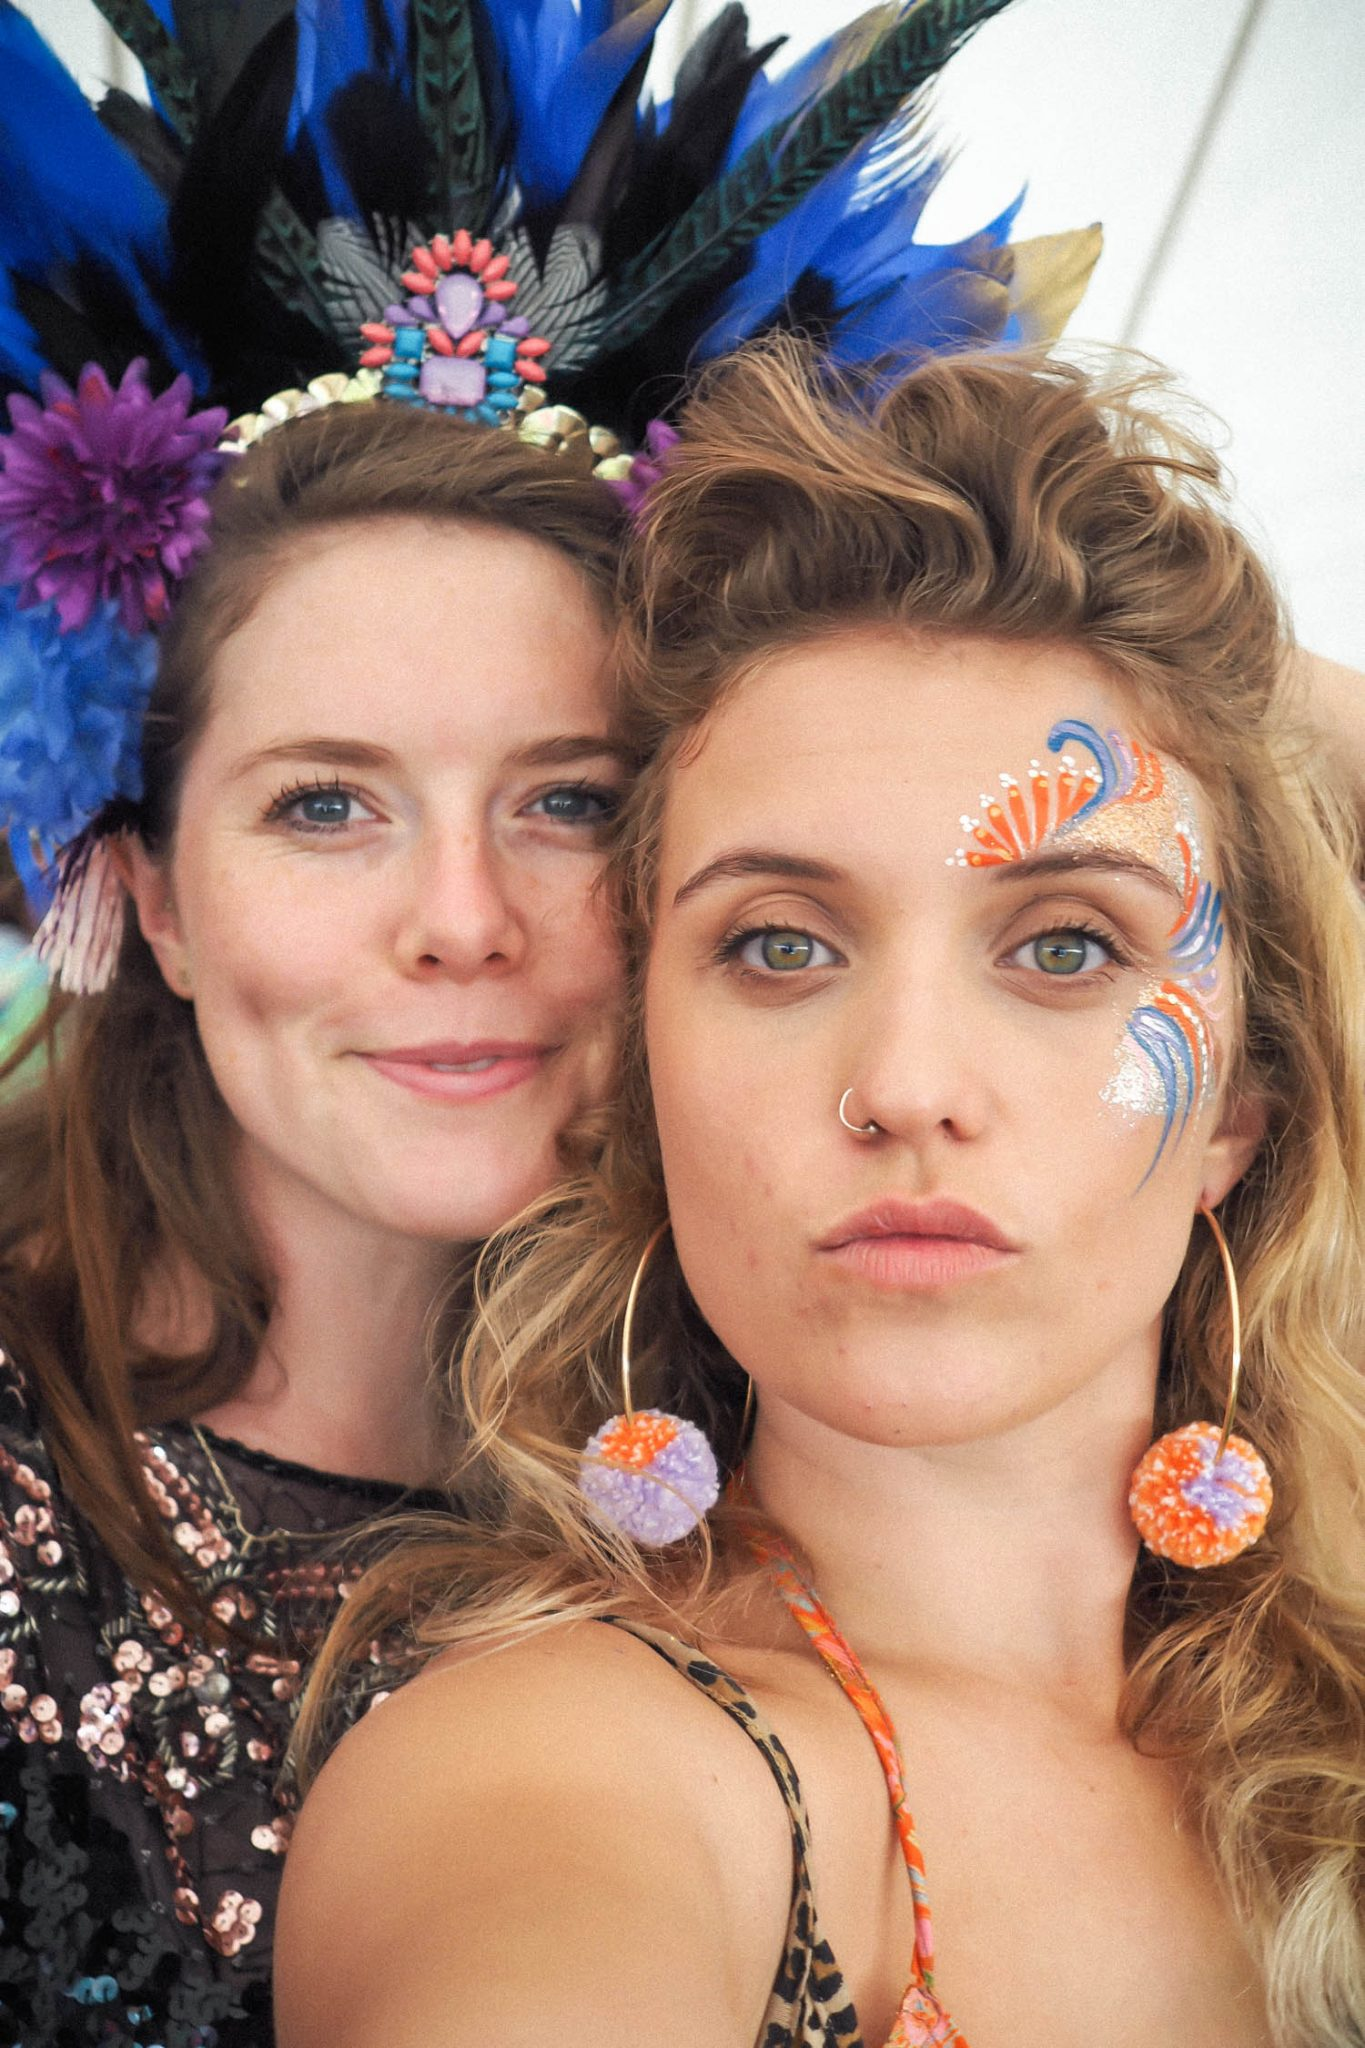 Festival faces